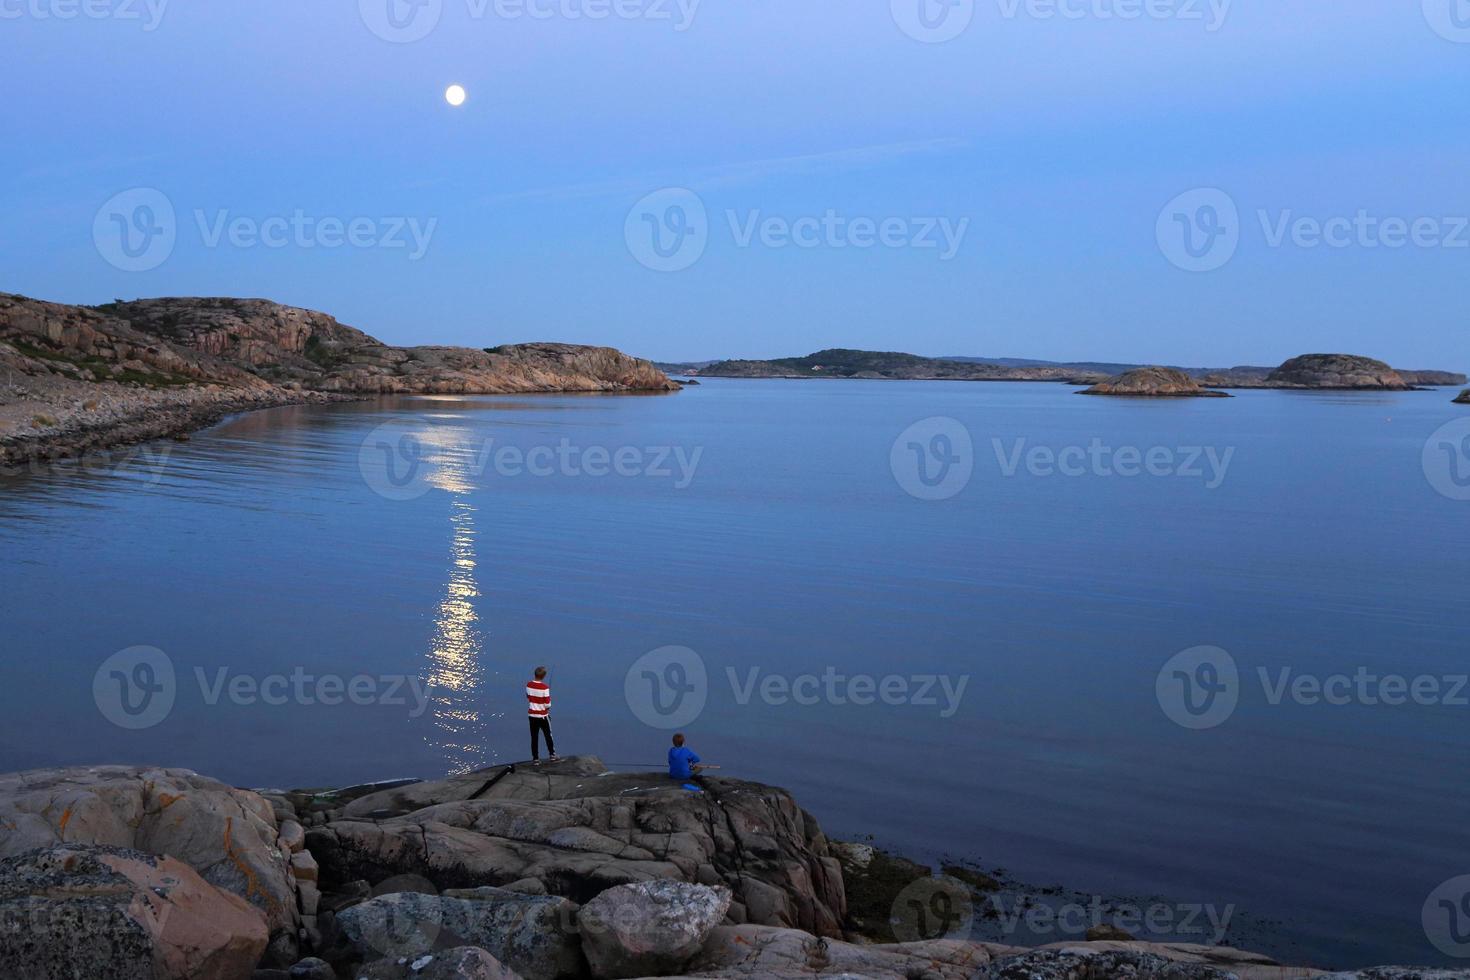 midnatt fiske foto